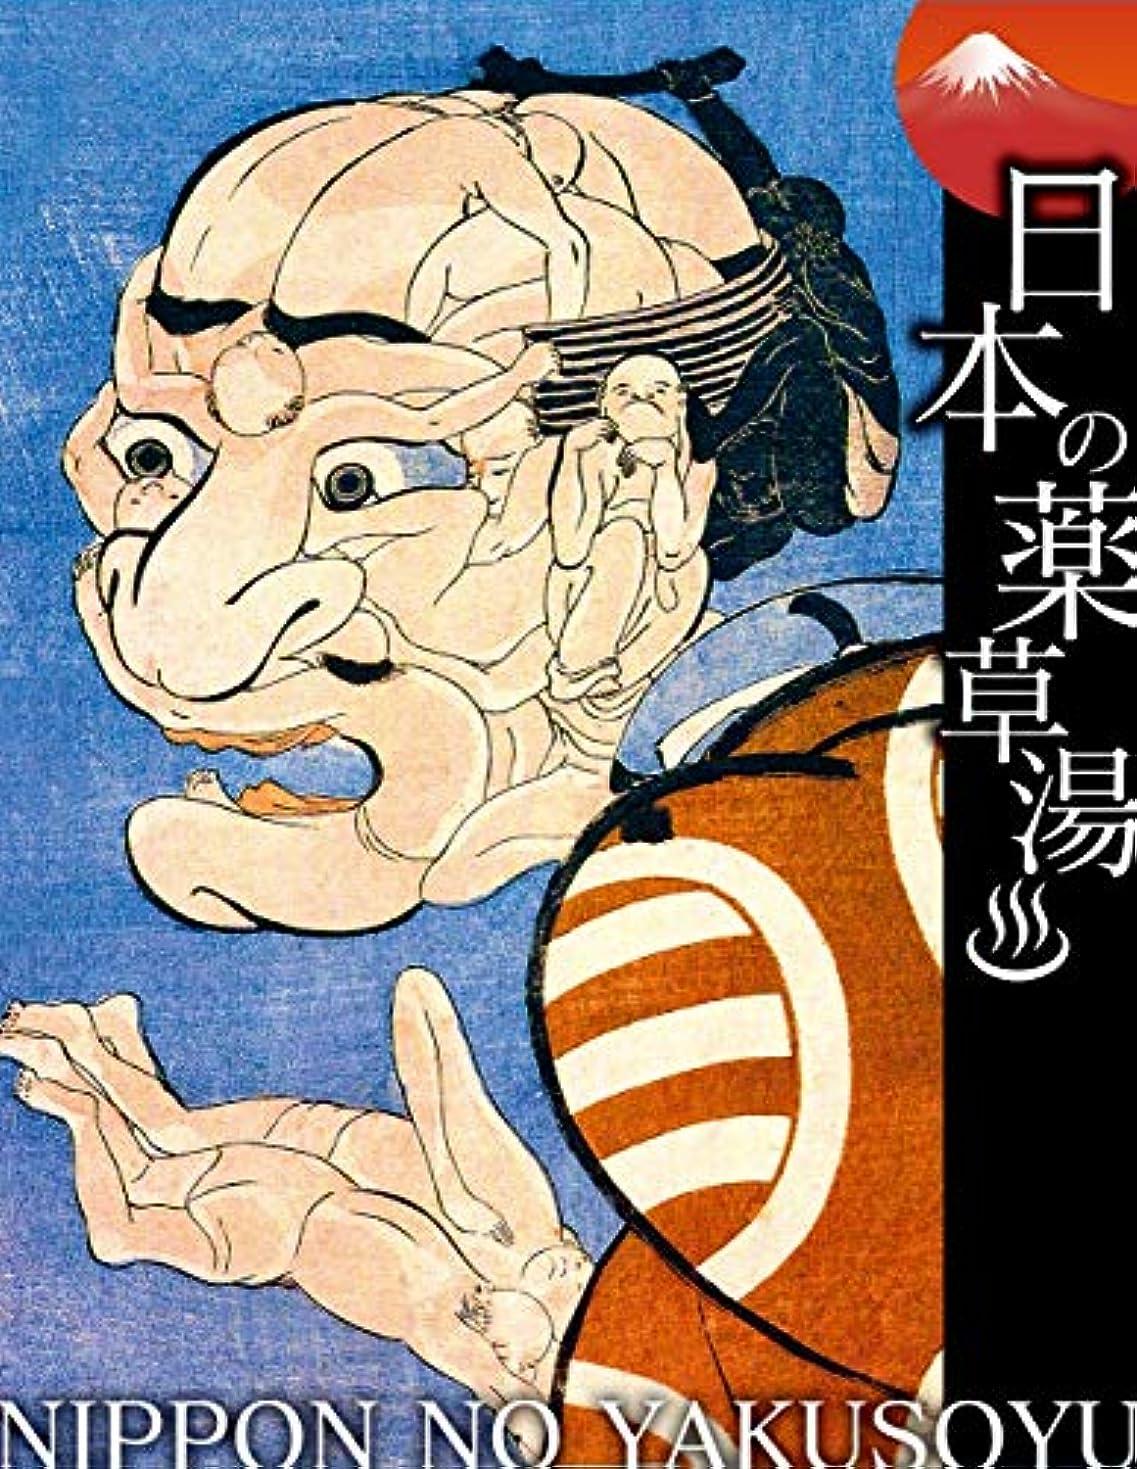 コンドーム忠実アスレチック日本の薬草湯 みかけハこハゐがとんだいゝ人だ